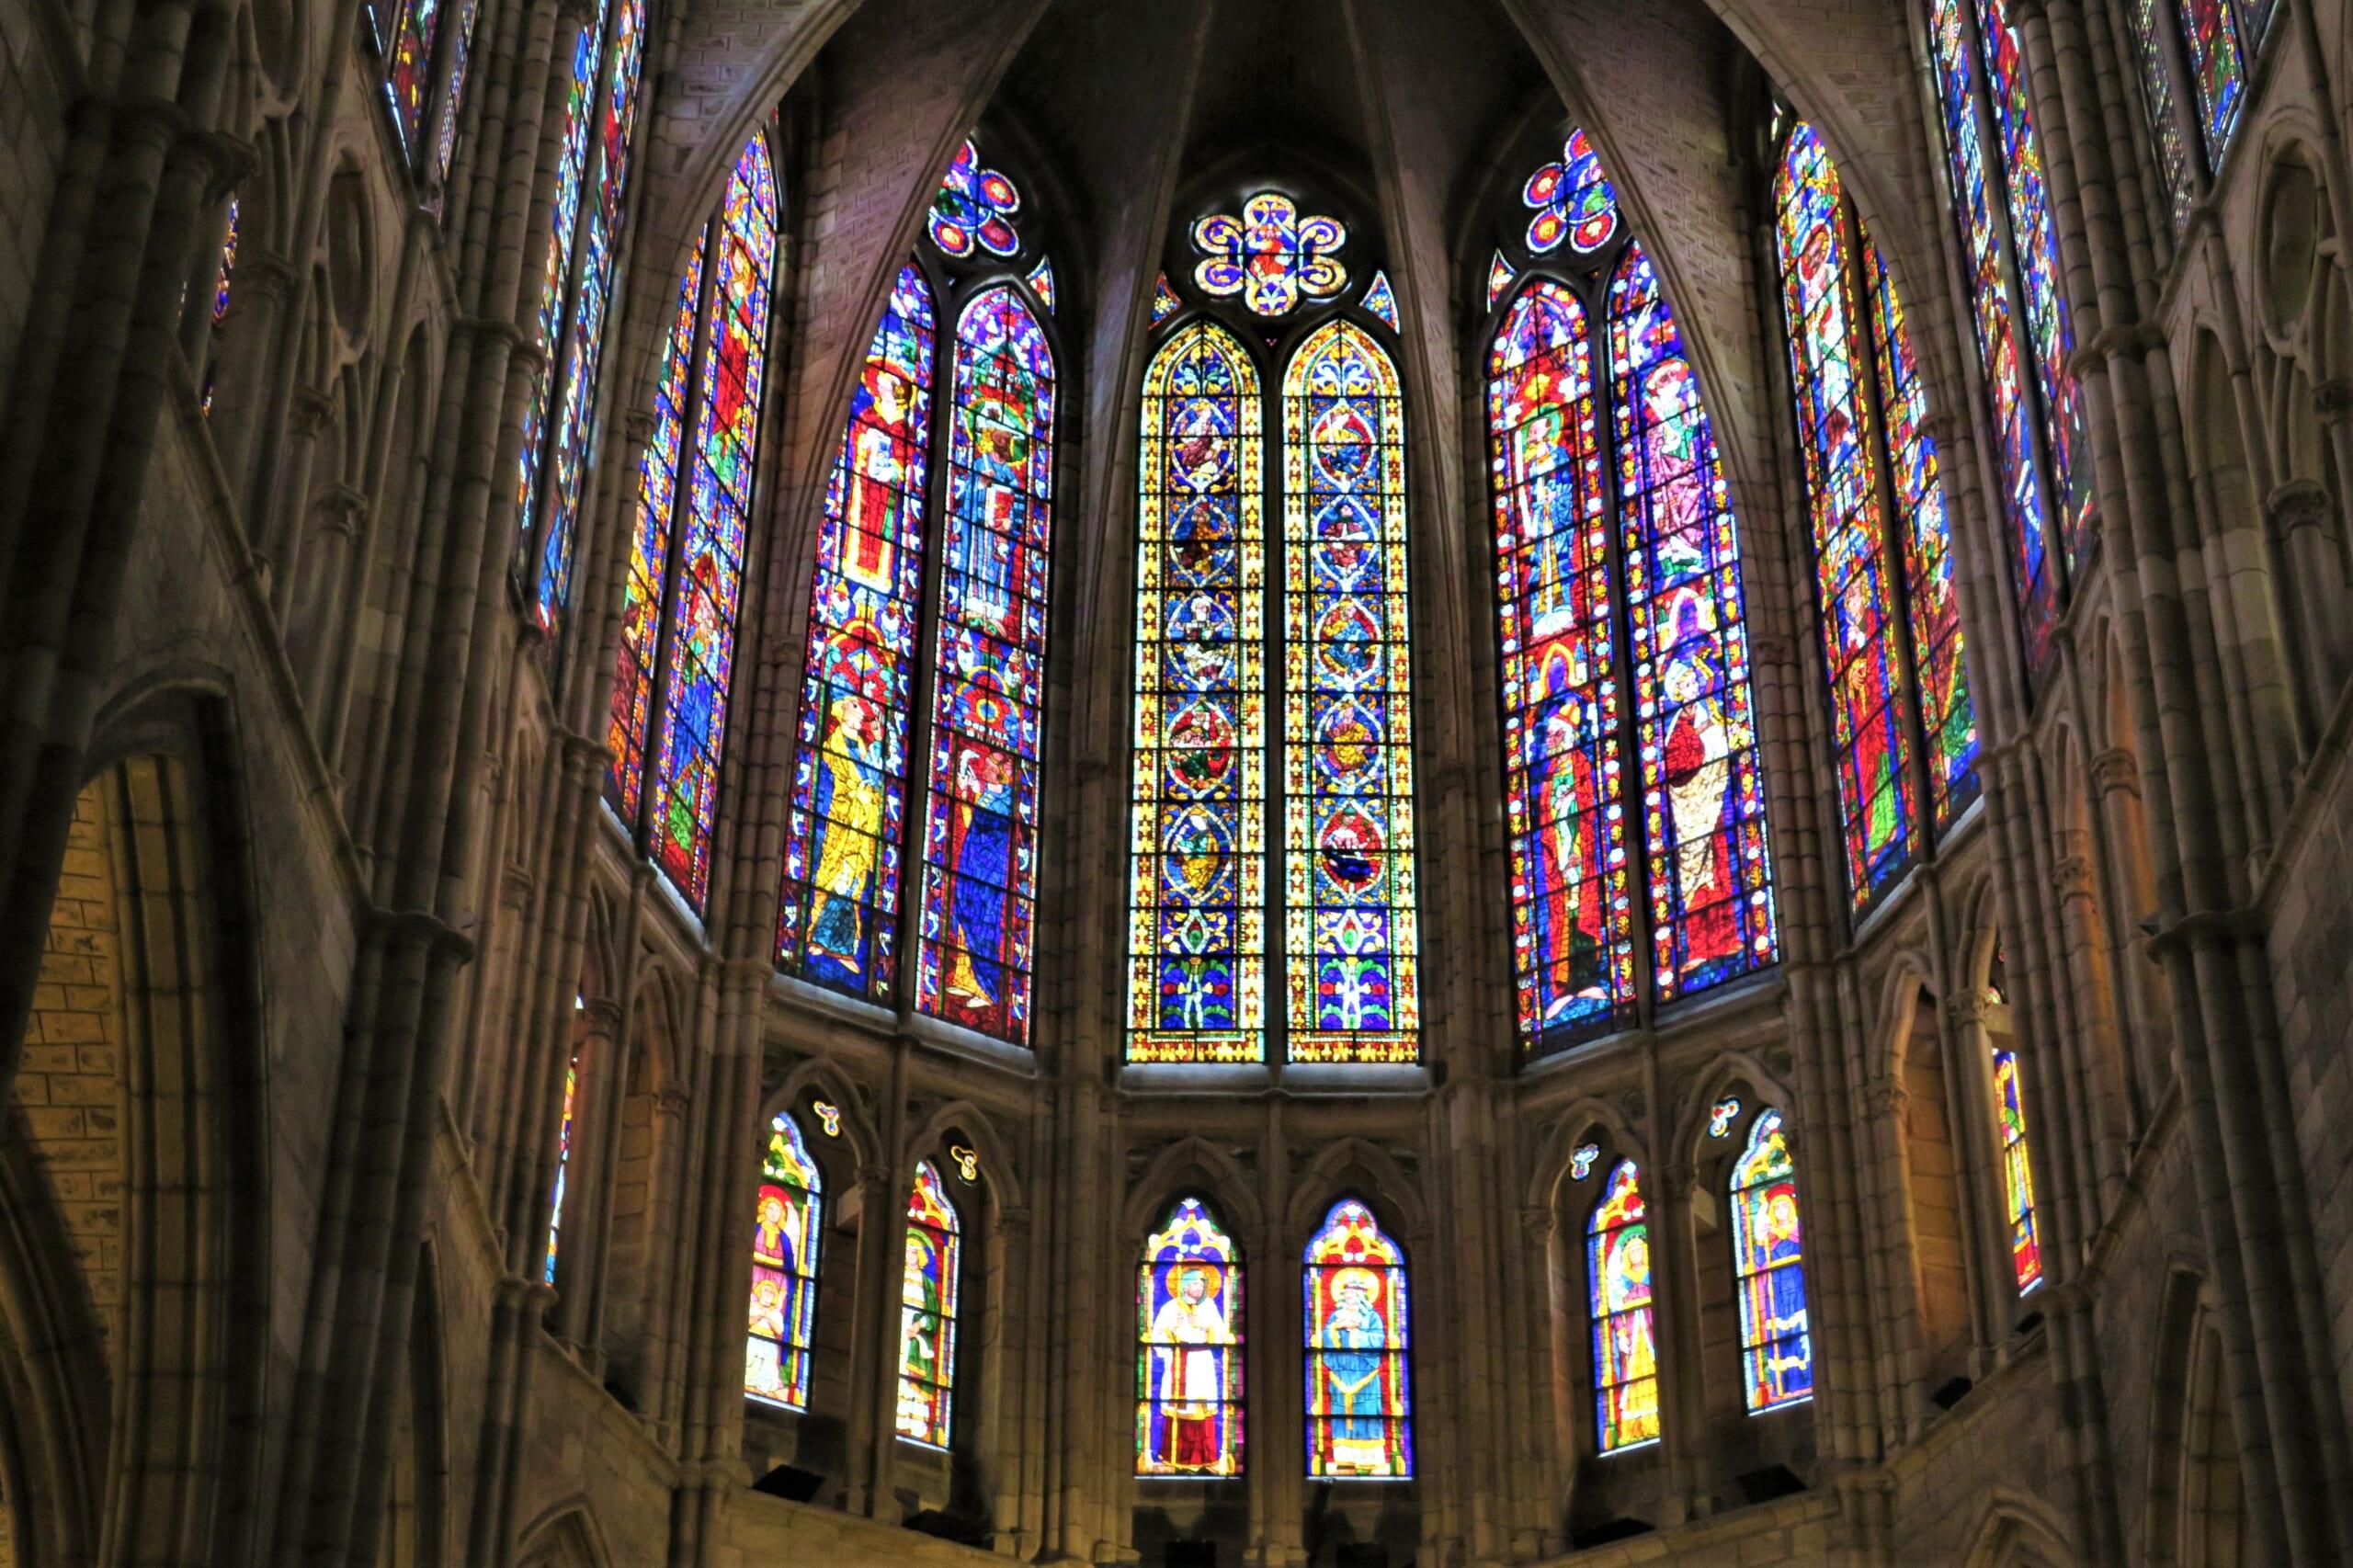 北スペインのサンティアゴ巡礼路の経由地であるレオンの大聖堂